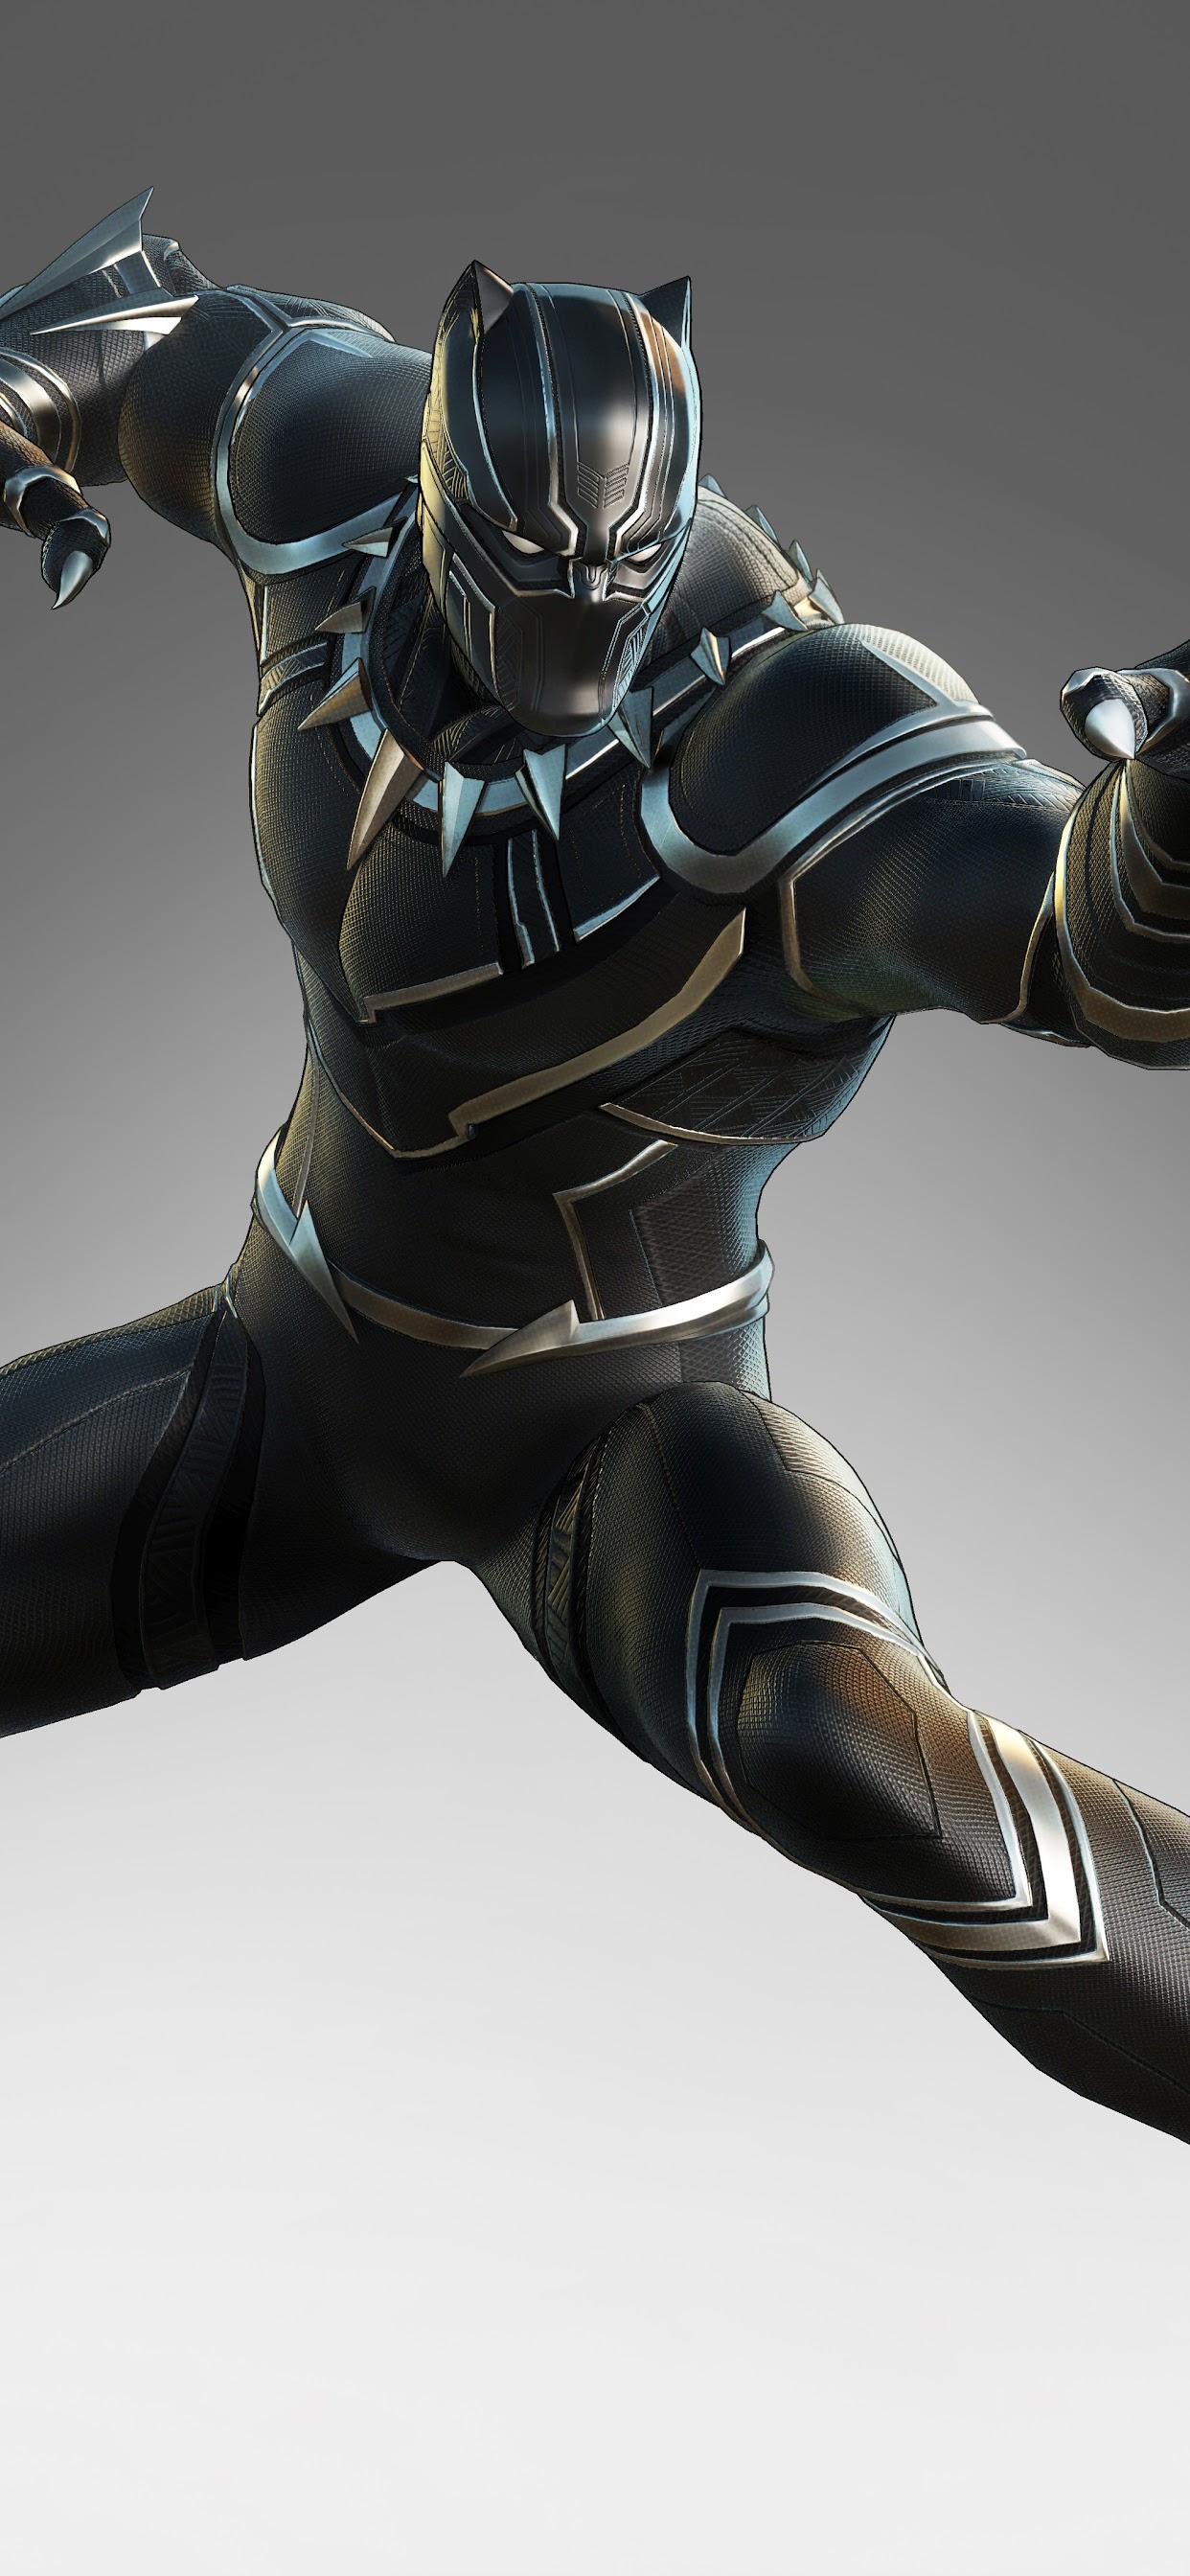 Black Panther Marvel Ultimate Alliance 3 8k Wallpaper 39